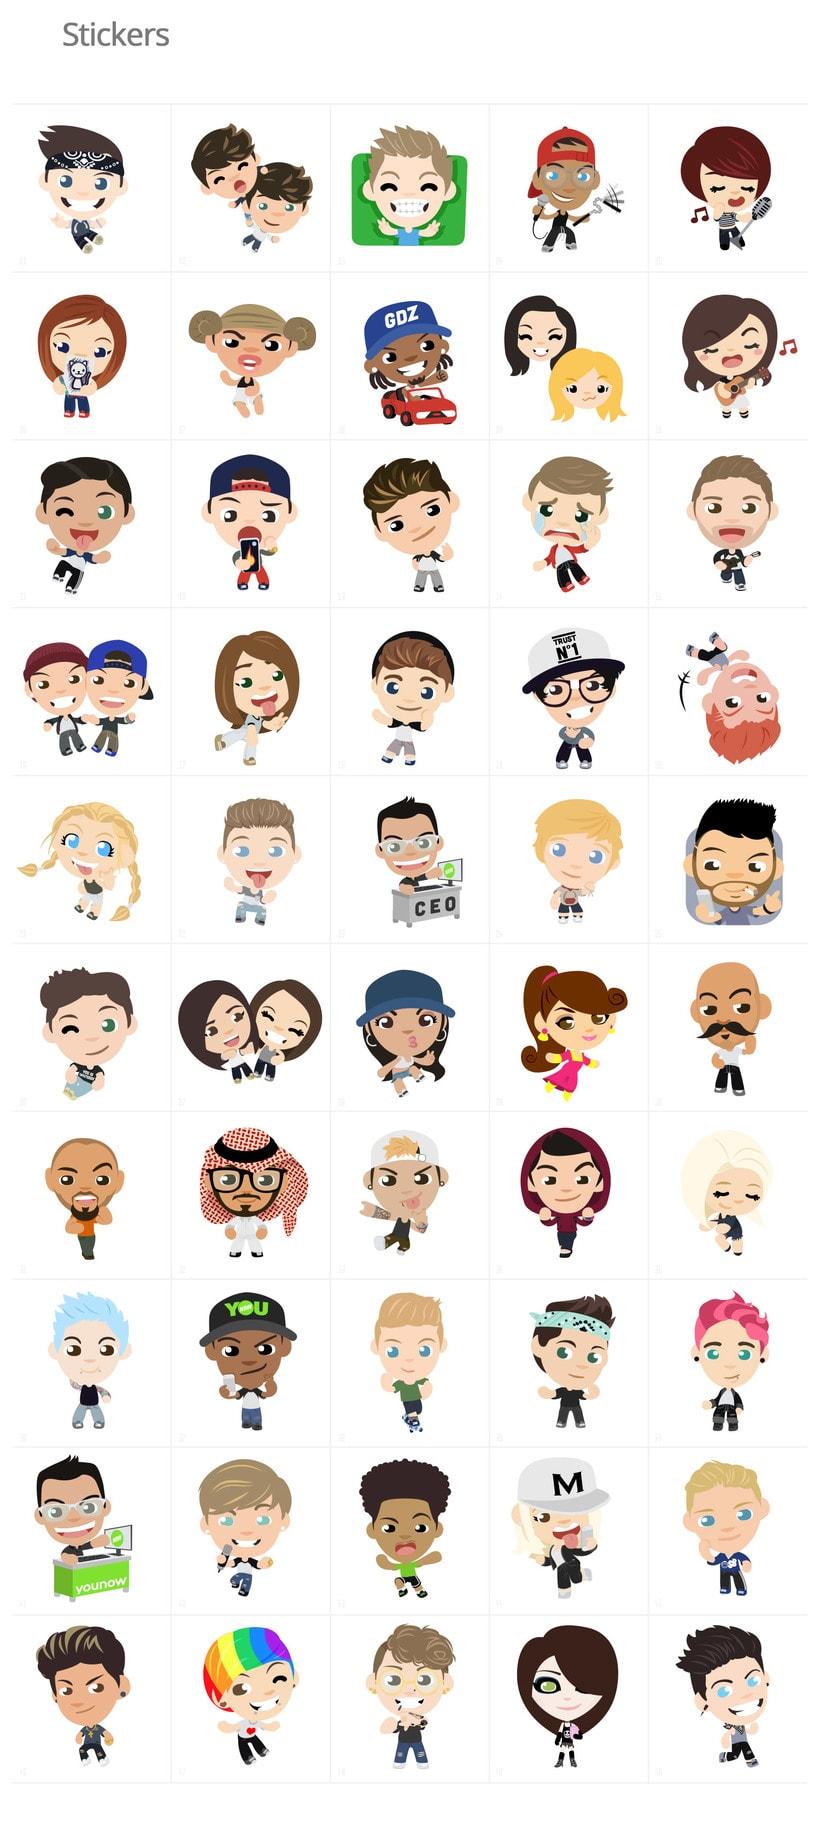 Stickers e iconos para YouNow 0